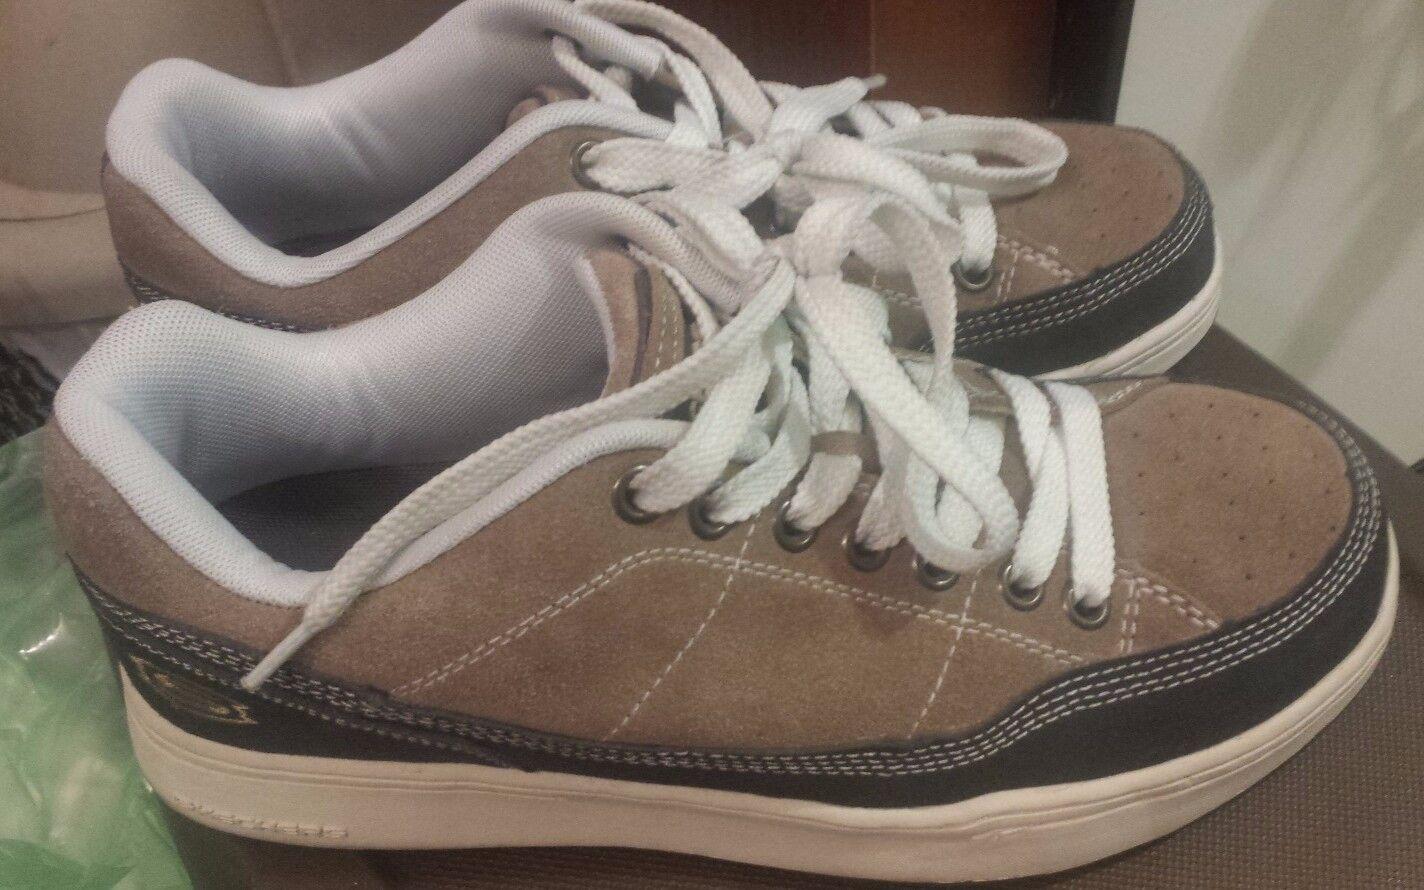 Skechers Men's Boy's Sport 50065 Khaki & Charcoal Athletic Shoes Comfortable Cheap women's shoes women's shoes